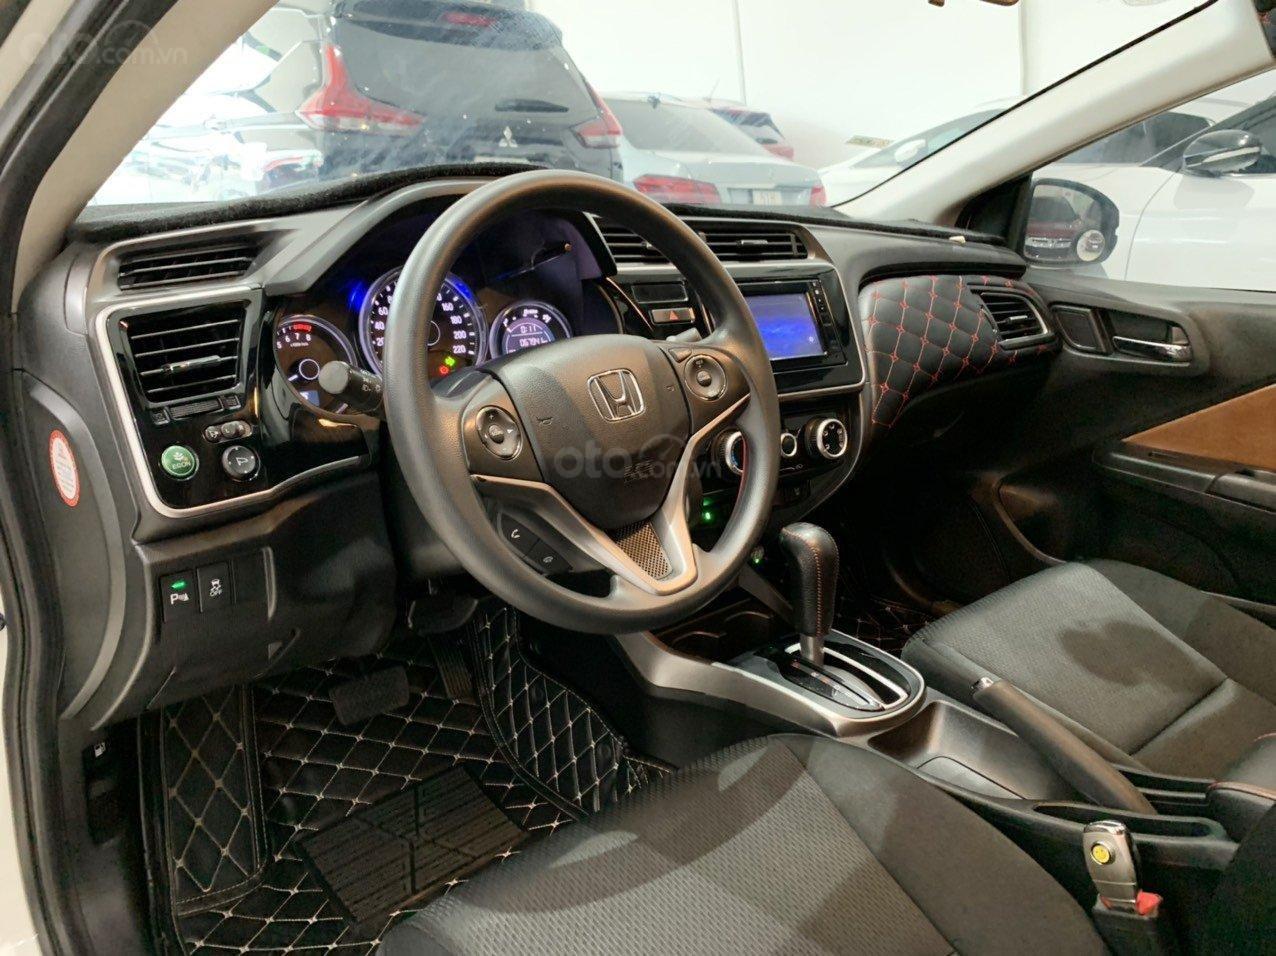 Bán xe Honda City xe gia đình, xe đẹp như mới, đi 67.000, trả góp chỉ 157 triệu (9)